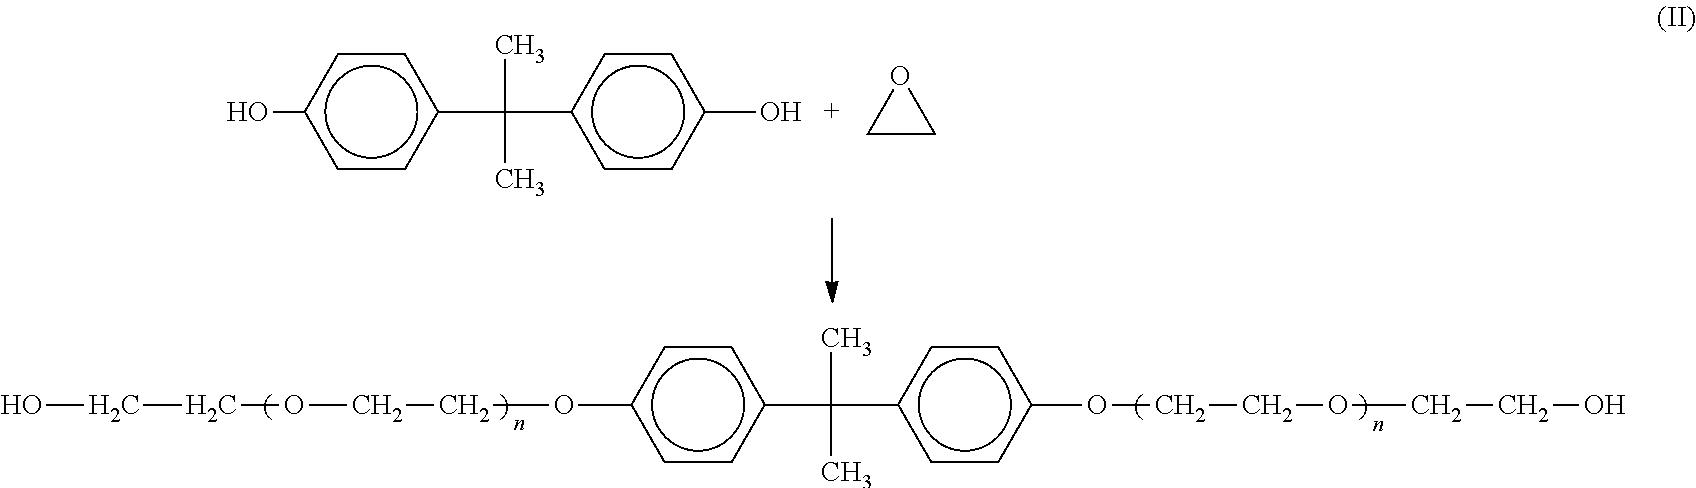 Figure US09707252-20170718-C00001